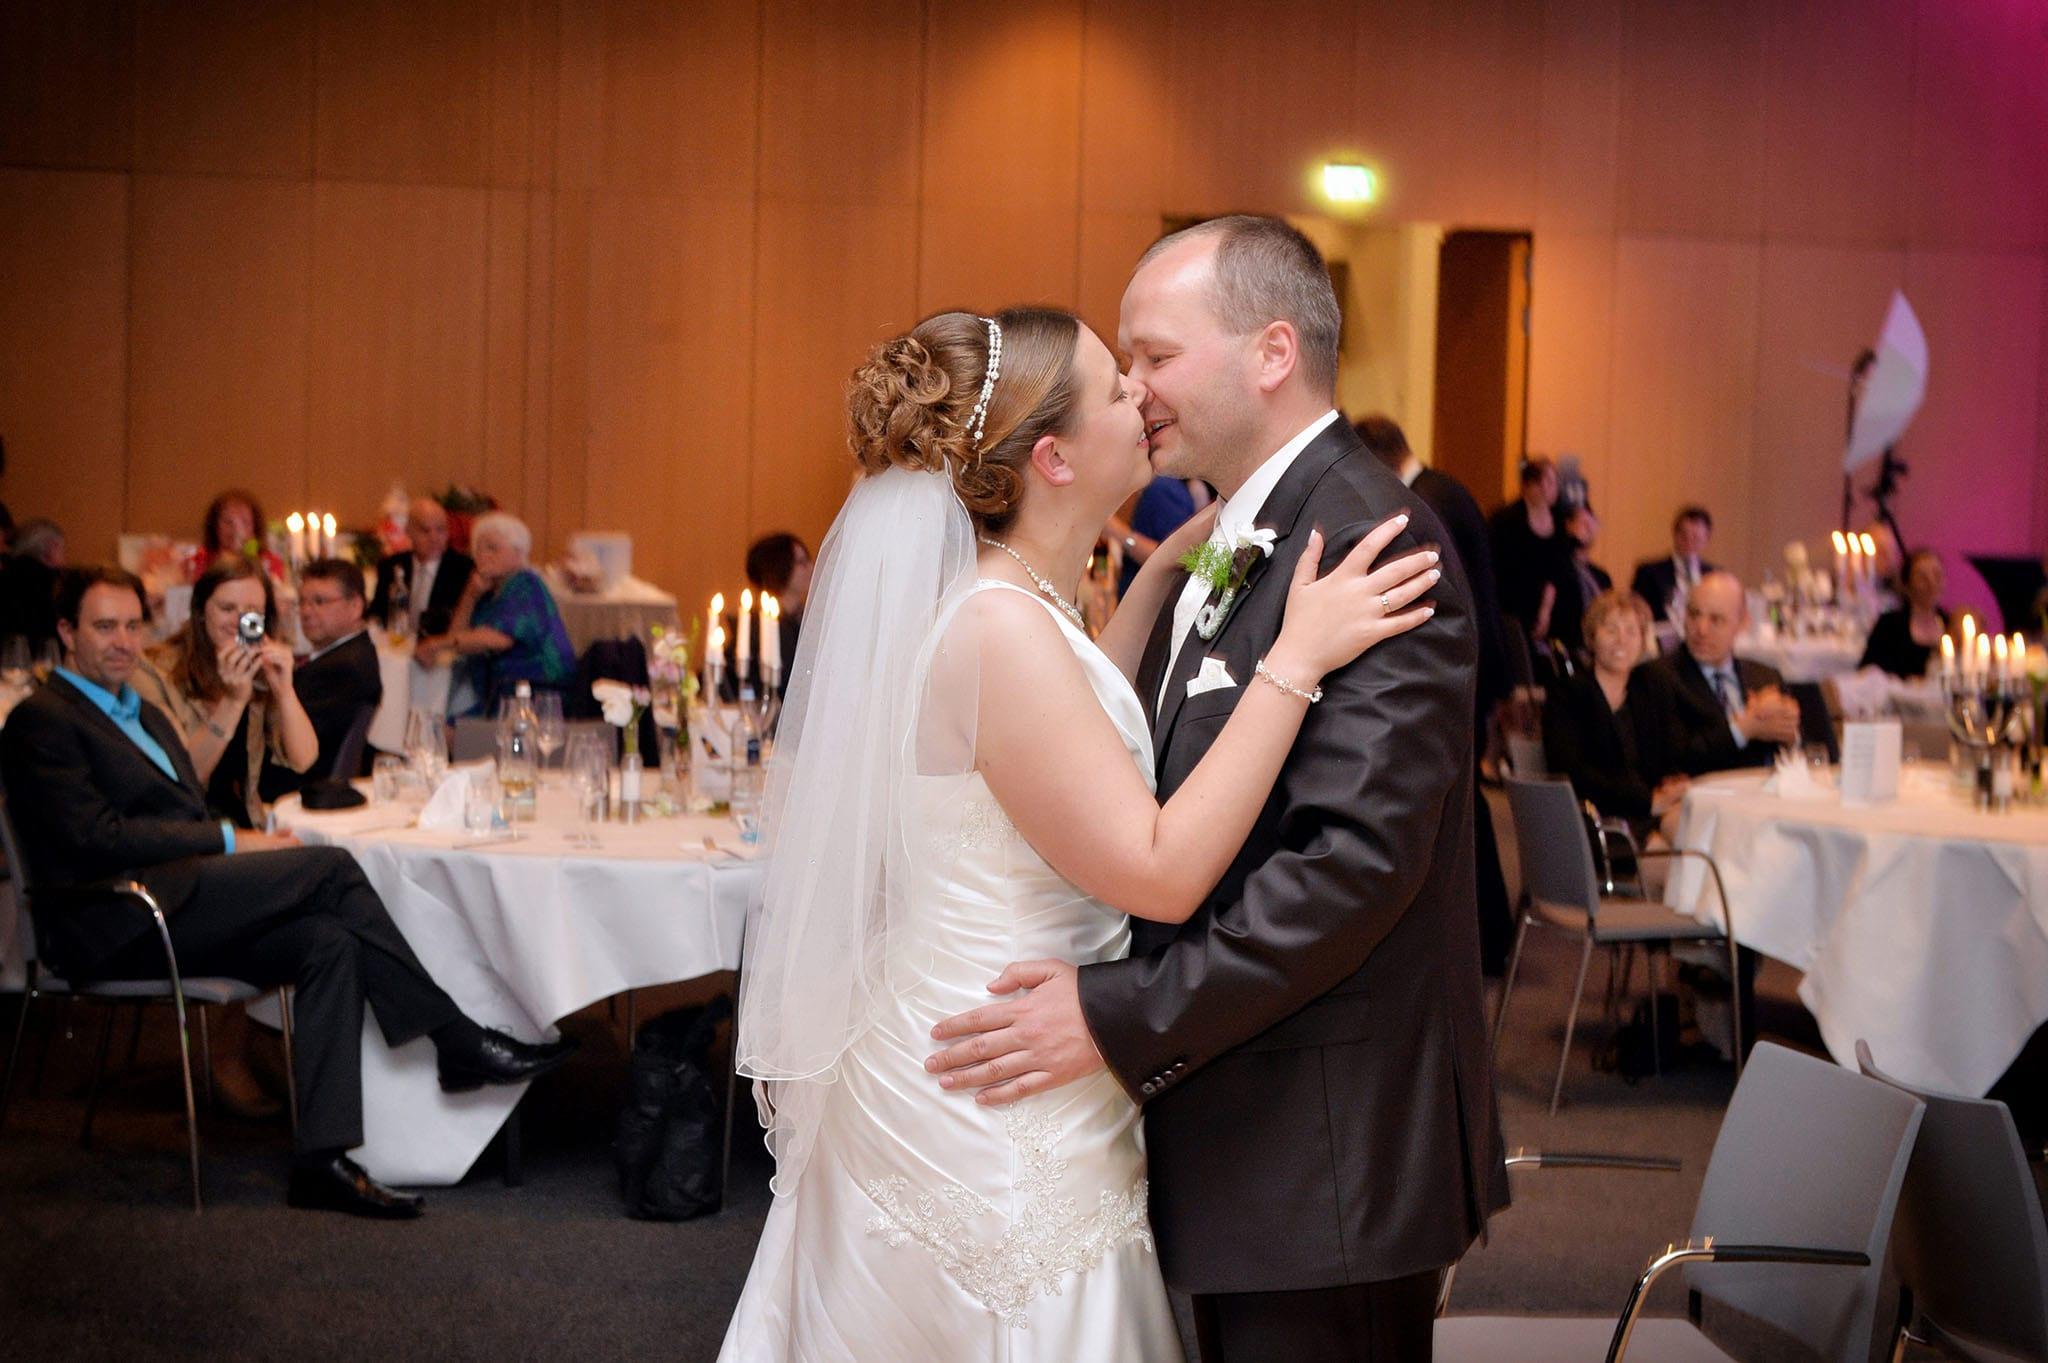 Hochzeit 056 Brautpaar Braut Bräutigam Hochzeit heiraten Hochzeitstanz Hochzeitsfotografie Daniel Fuss Fotografie